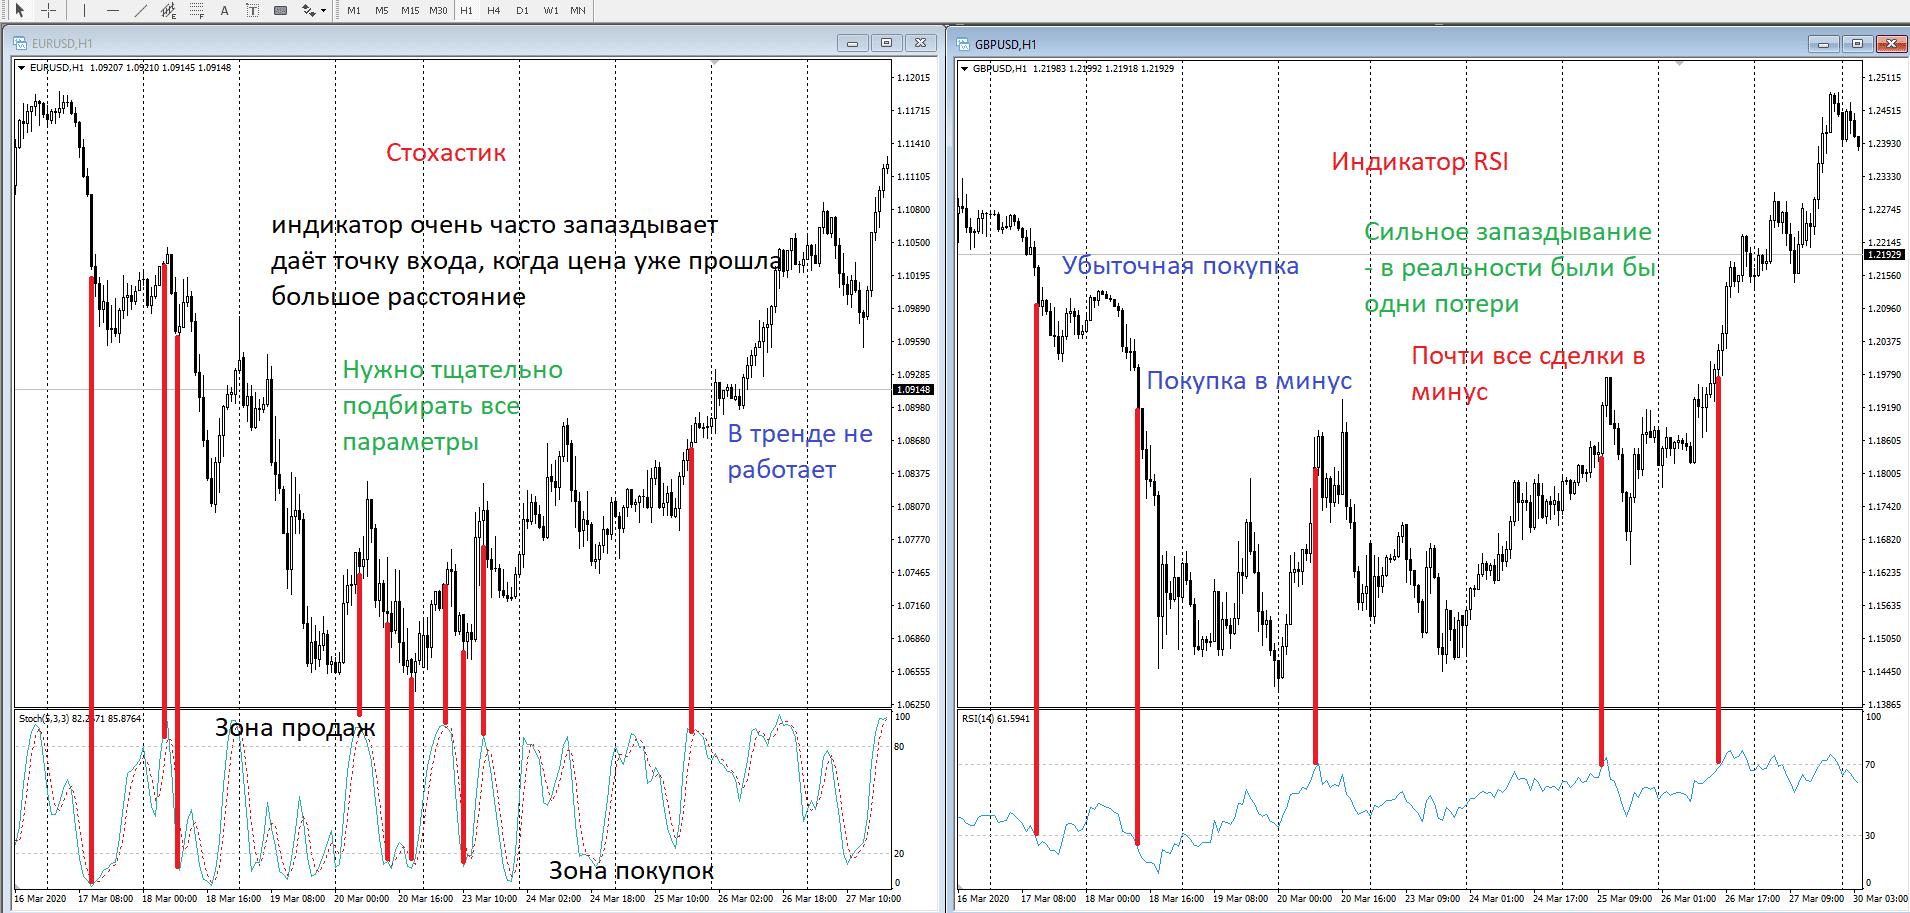 Компьютерный анализ с флэтовыми индикаторами